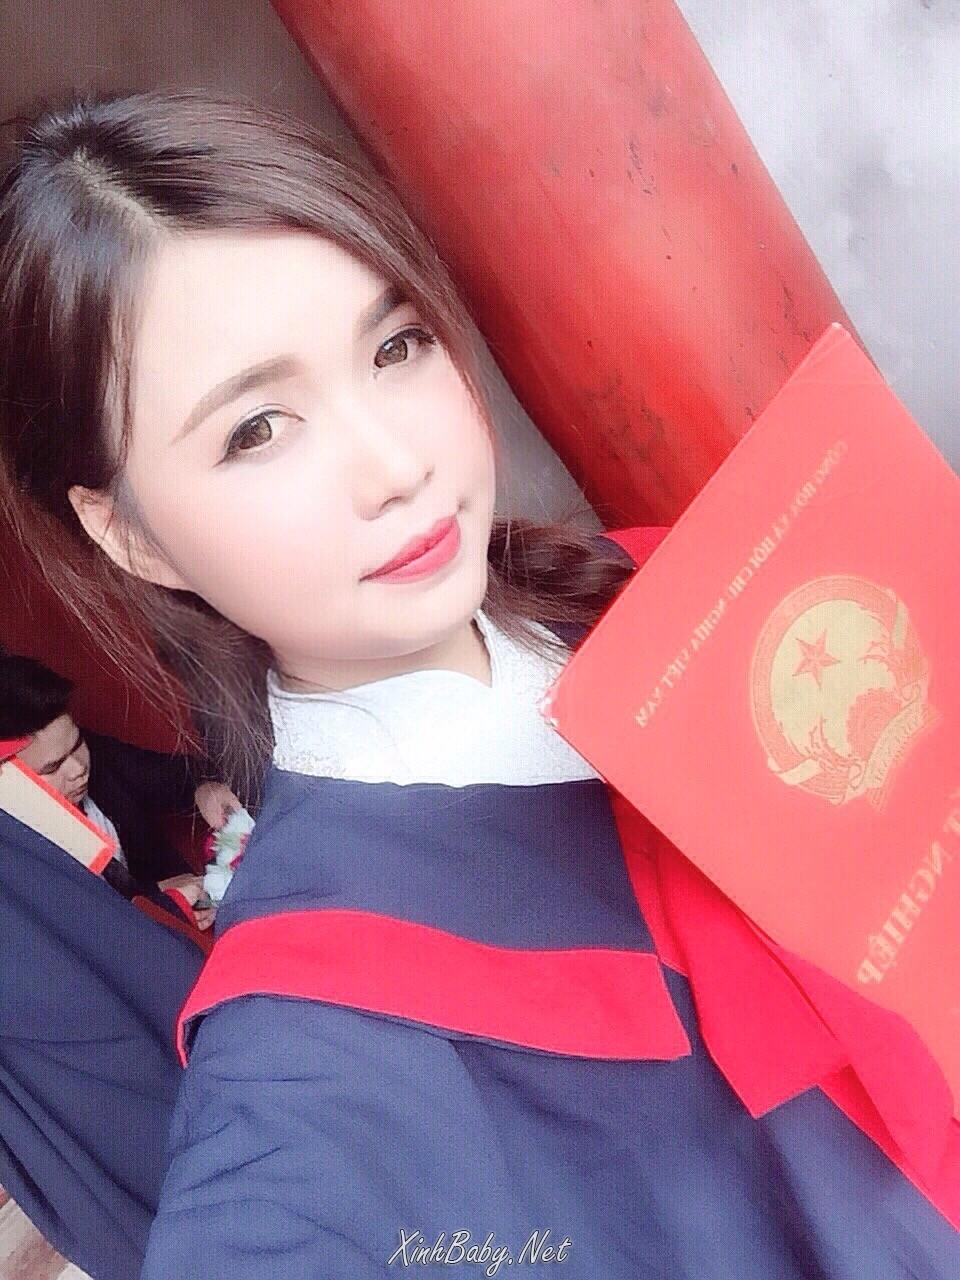 Facebook gái xinh Bắc Giang: Nguyễn Khánh Linh (Linh Thỏ) - Mặt tròn đáng yêu !